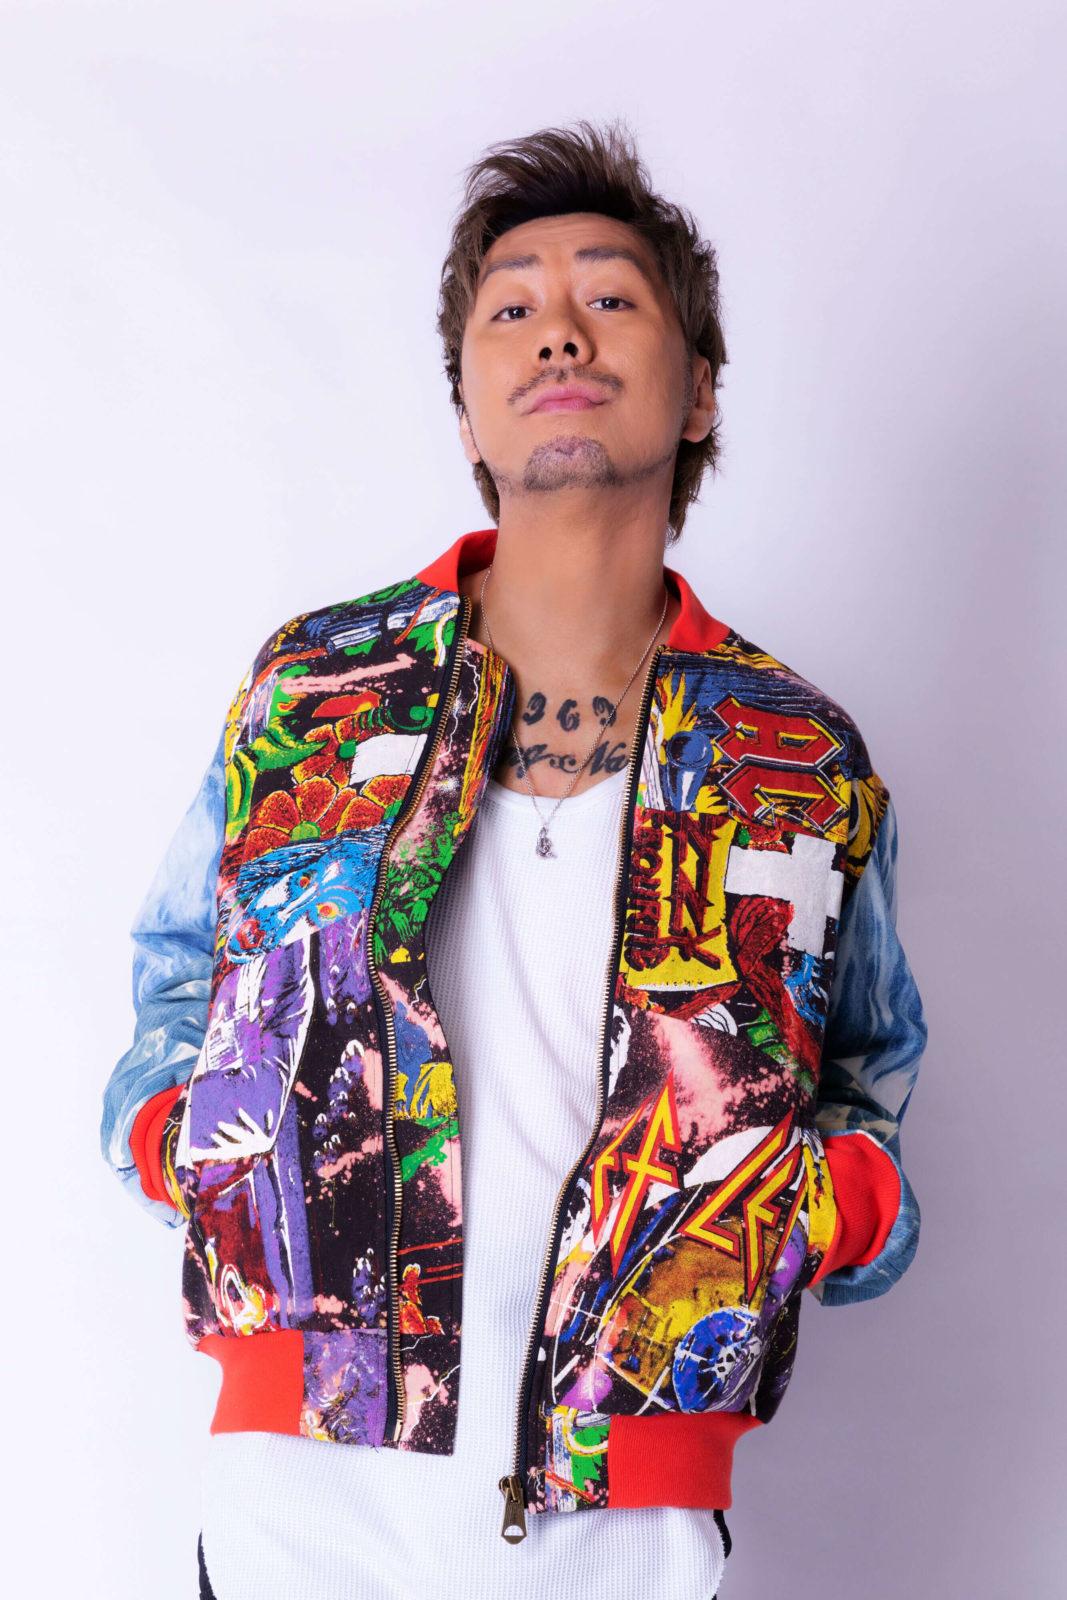 山猿、自宅で作曲した即興曲『名前の無い歌』がネット上で話題に!MVは俳優の秋山勇次が全編自分で撮影・編集